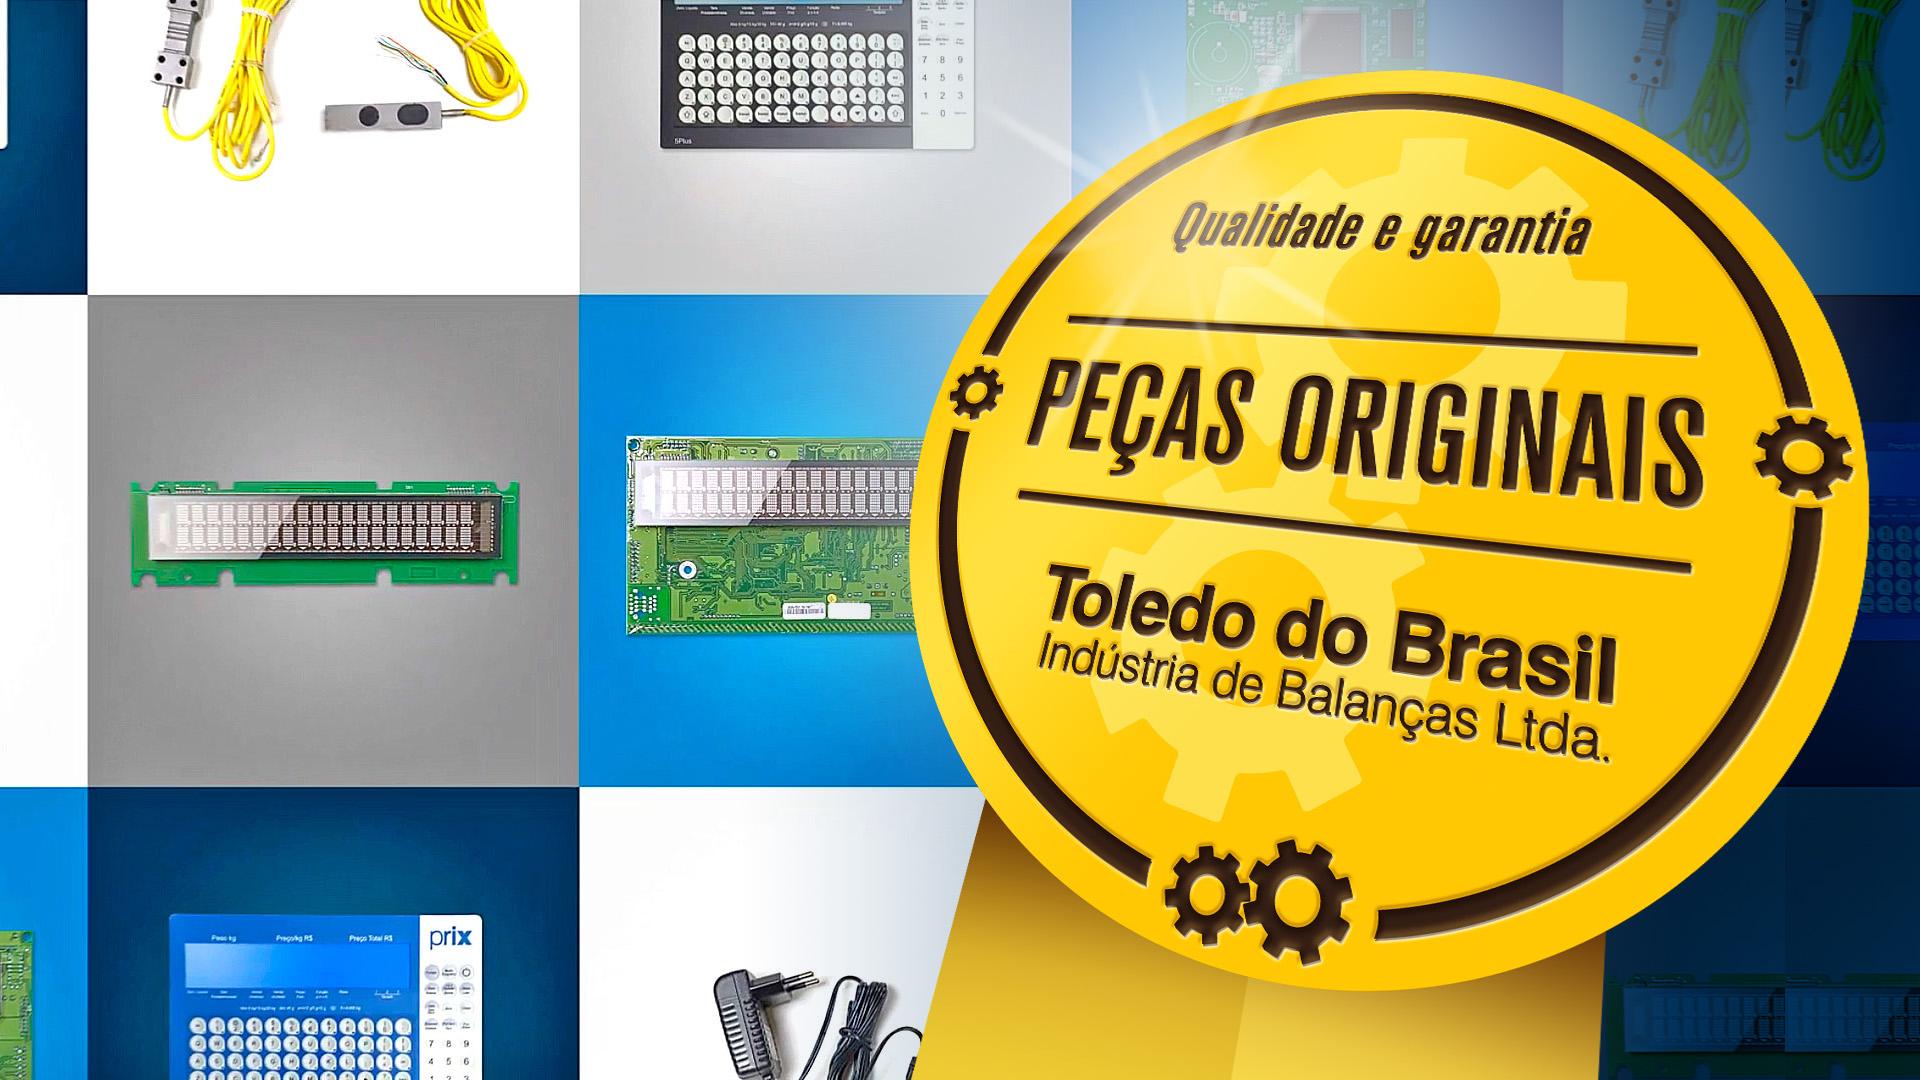 Peças originais Toledo do Brasil